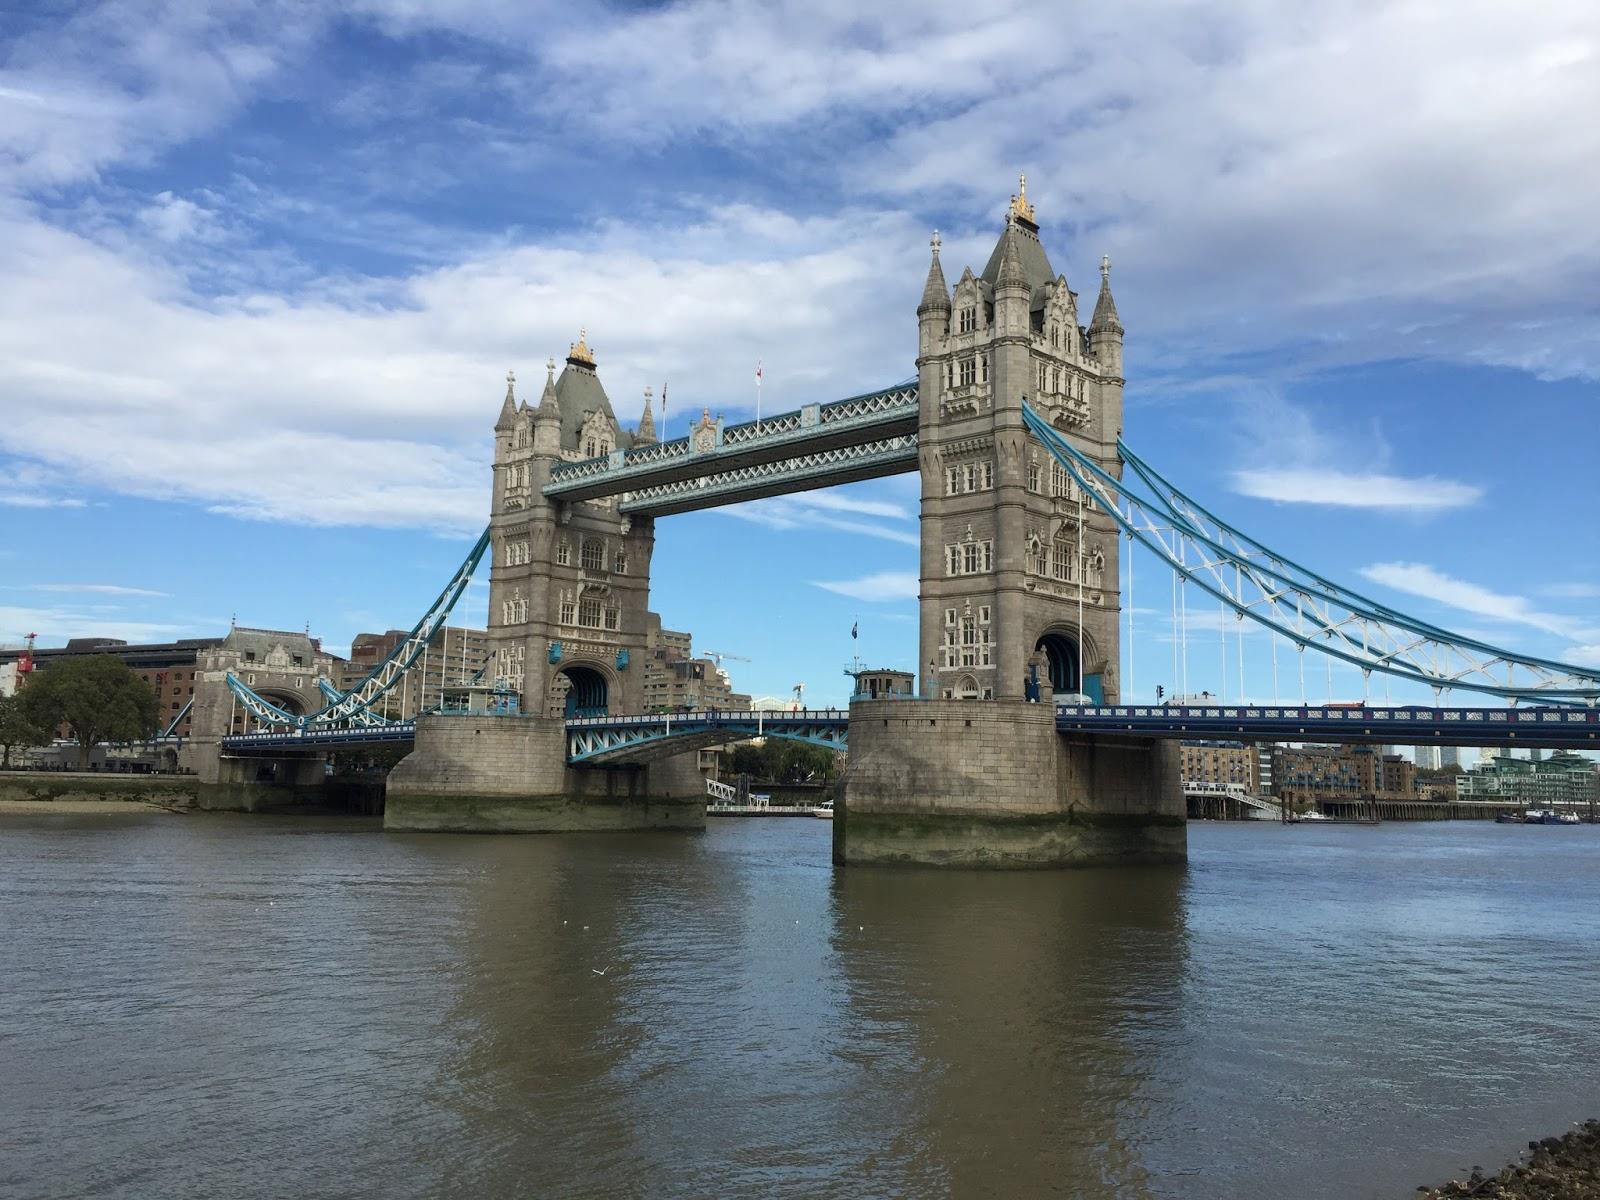 2016倫敦景點 泰晤士河上最美麗的倫敦塔橋Tower Bridge - Travel Par Avion